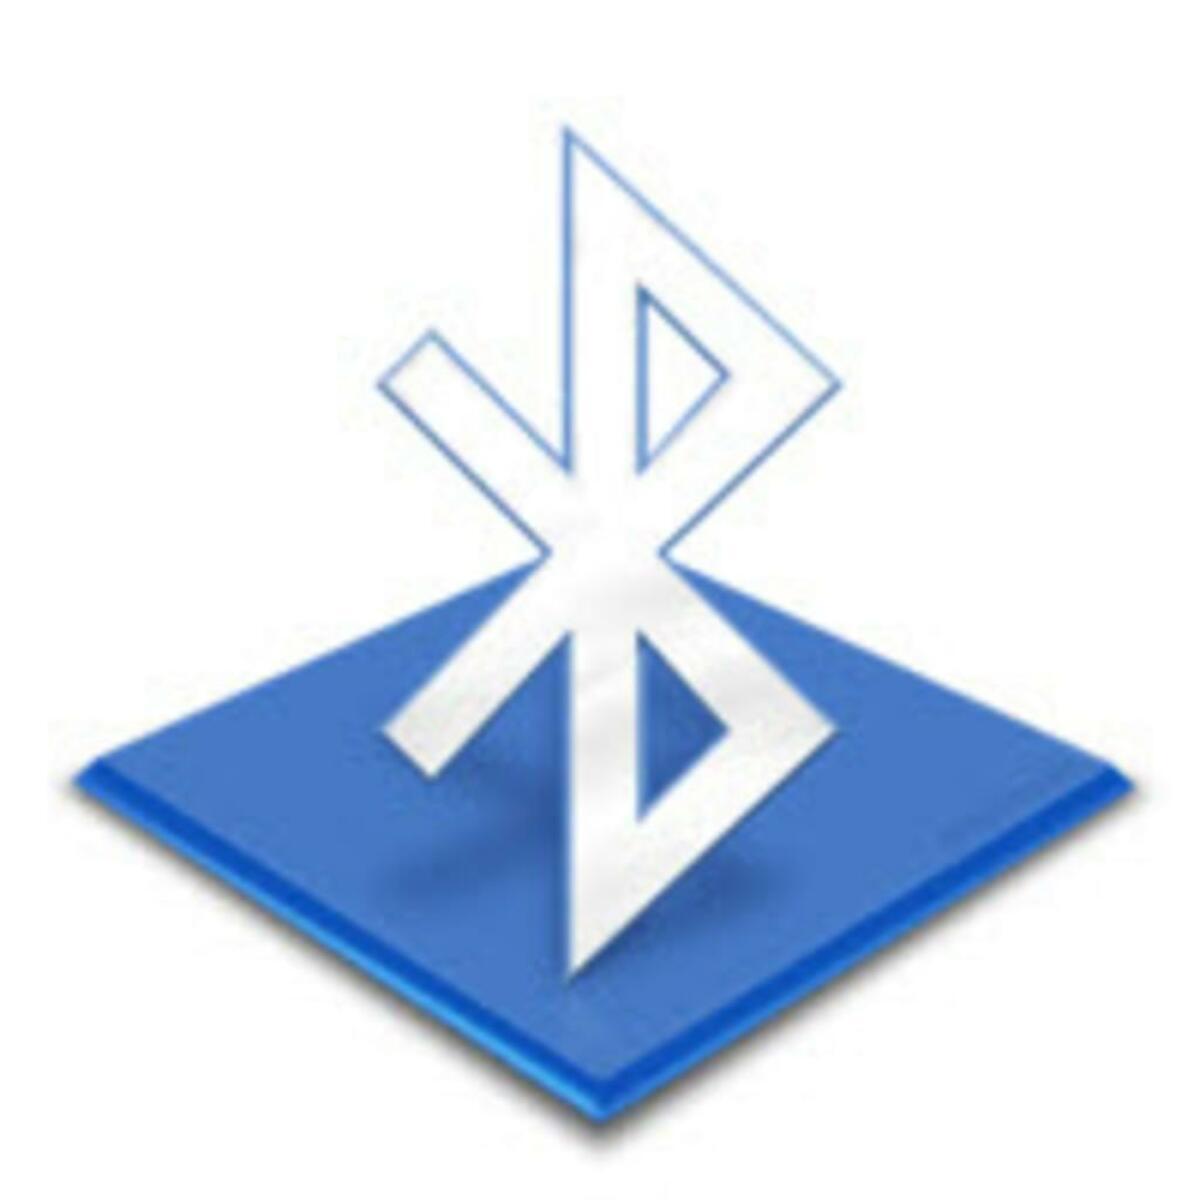 Bild 3 von Blaupunkt Bluetooth-Lautsprecher mit LED Ambiente-Licht BTL 100